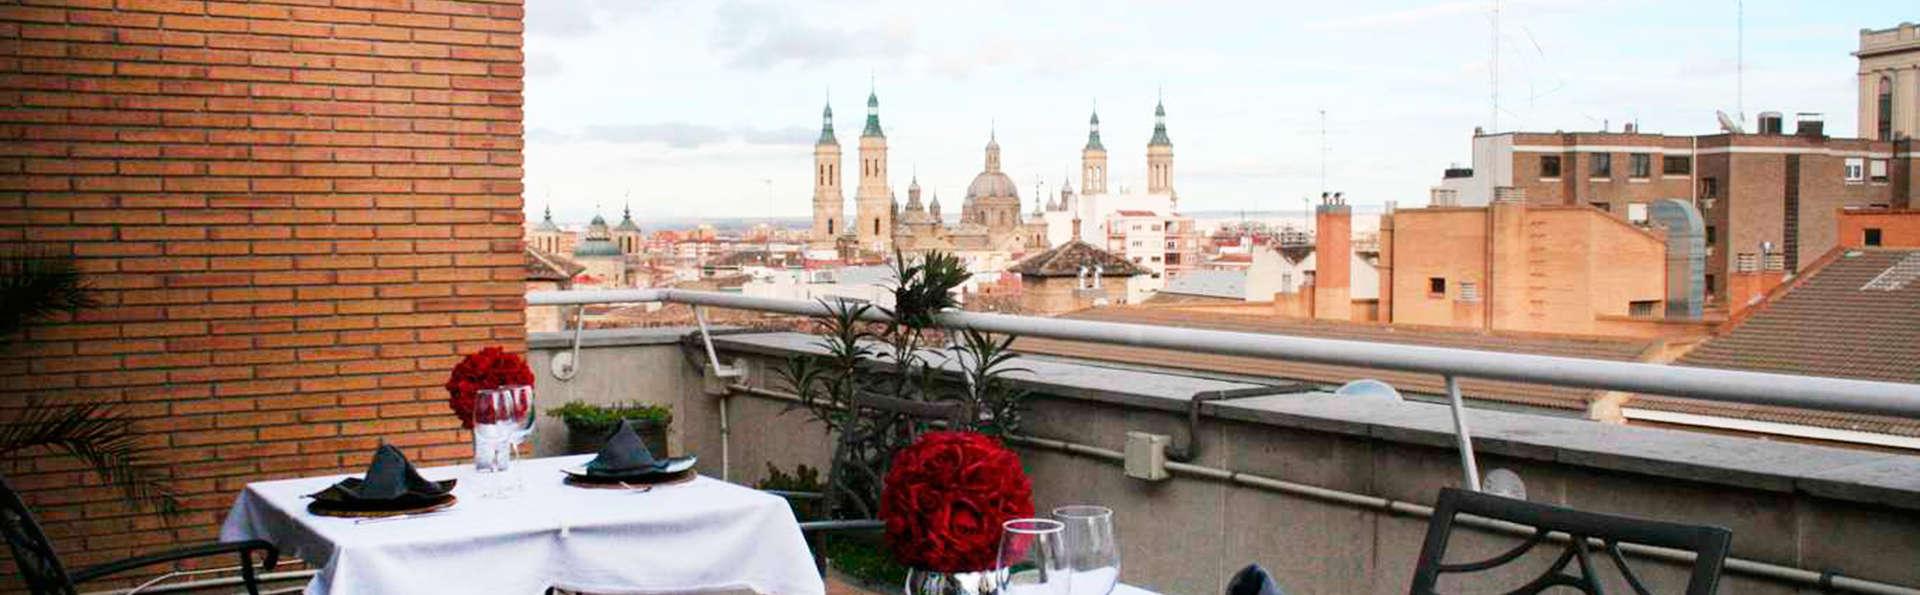 Évasion au cœur de Saragosse avec petit-déjeuner, cocktail sur la terrasse avec vue sur la basilique